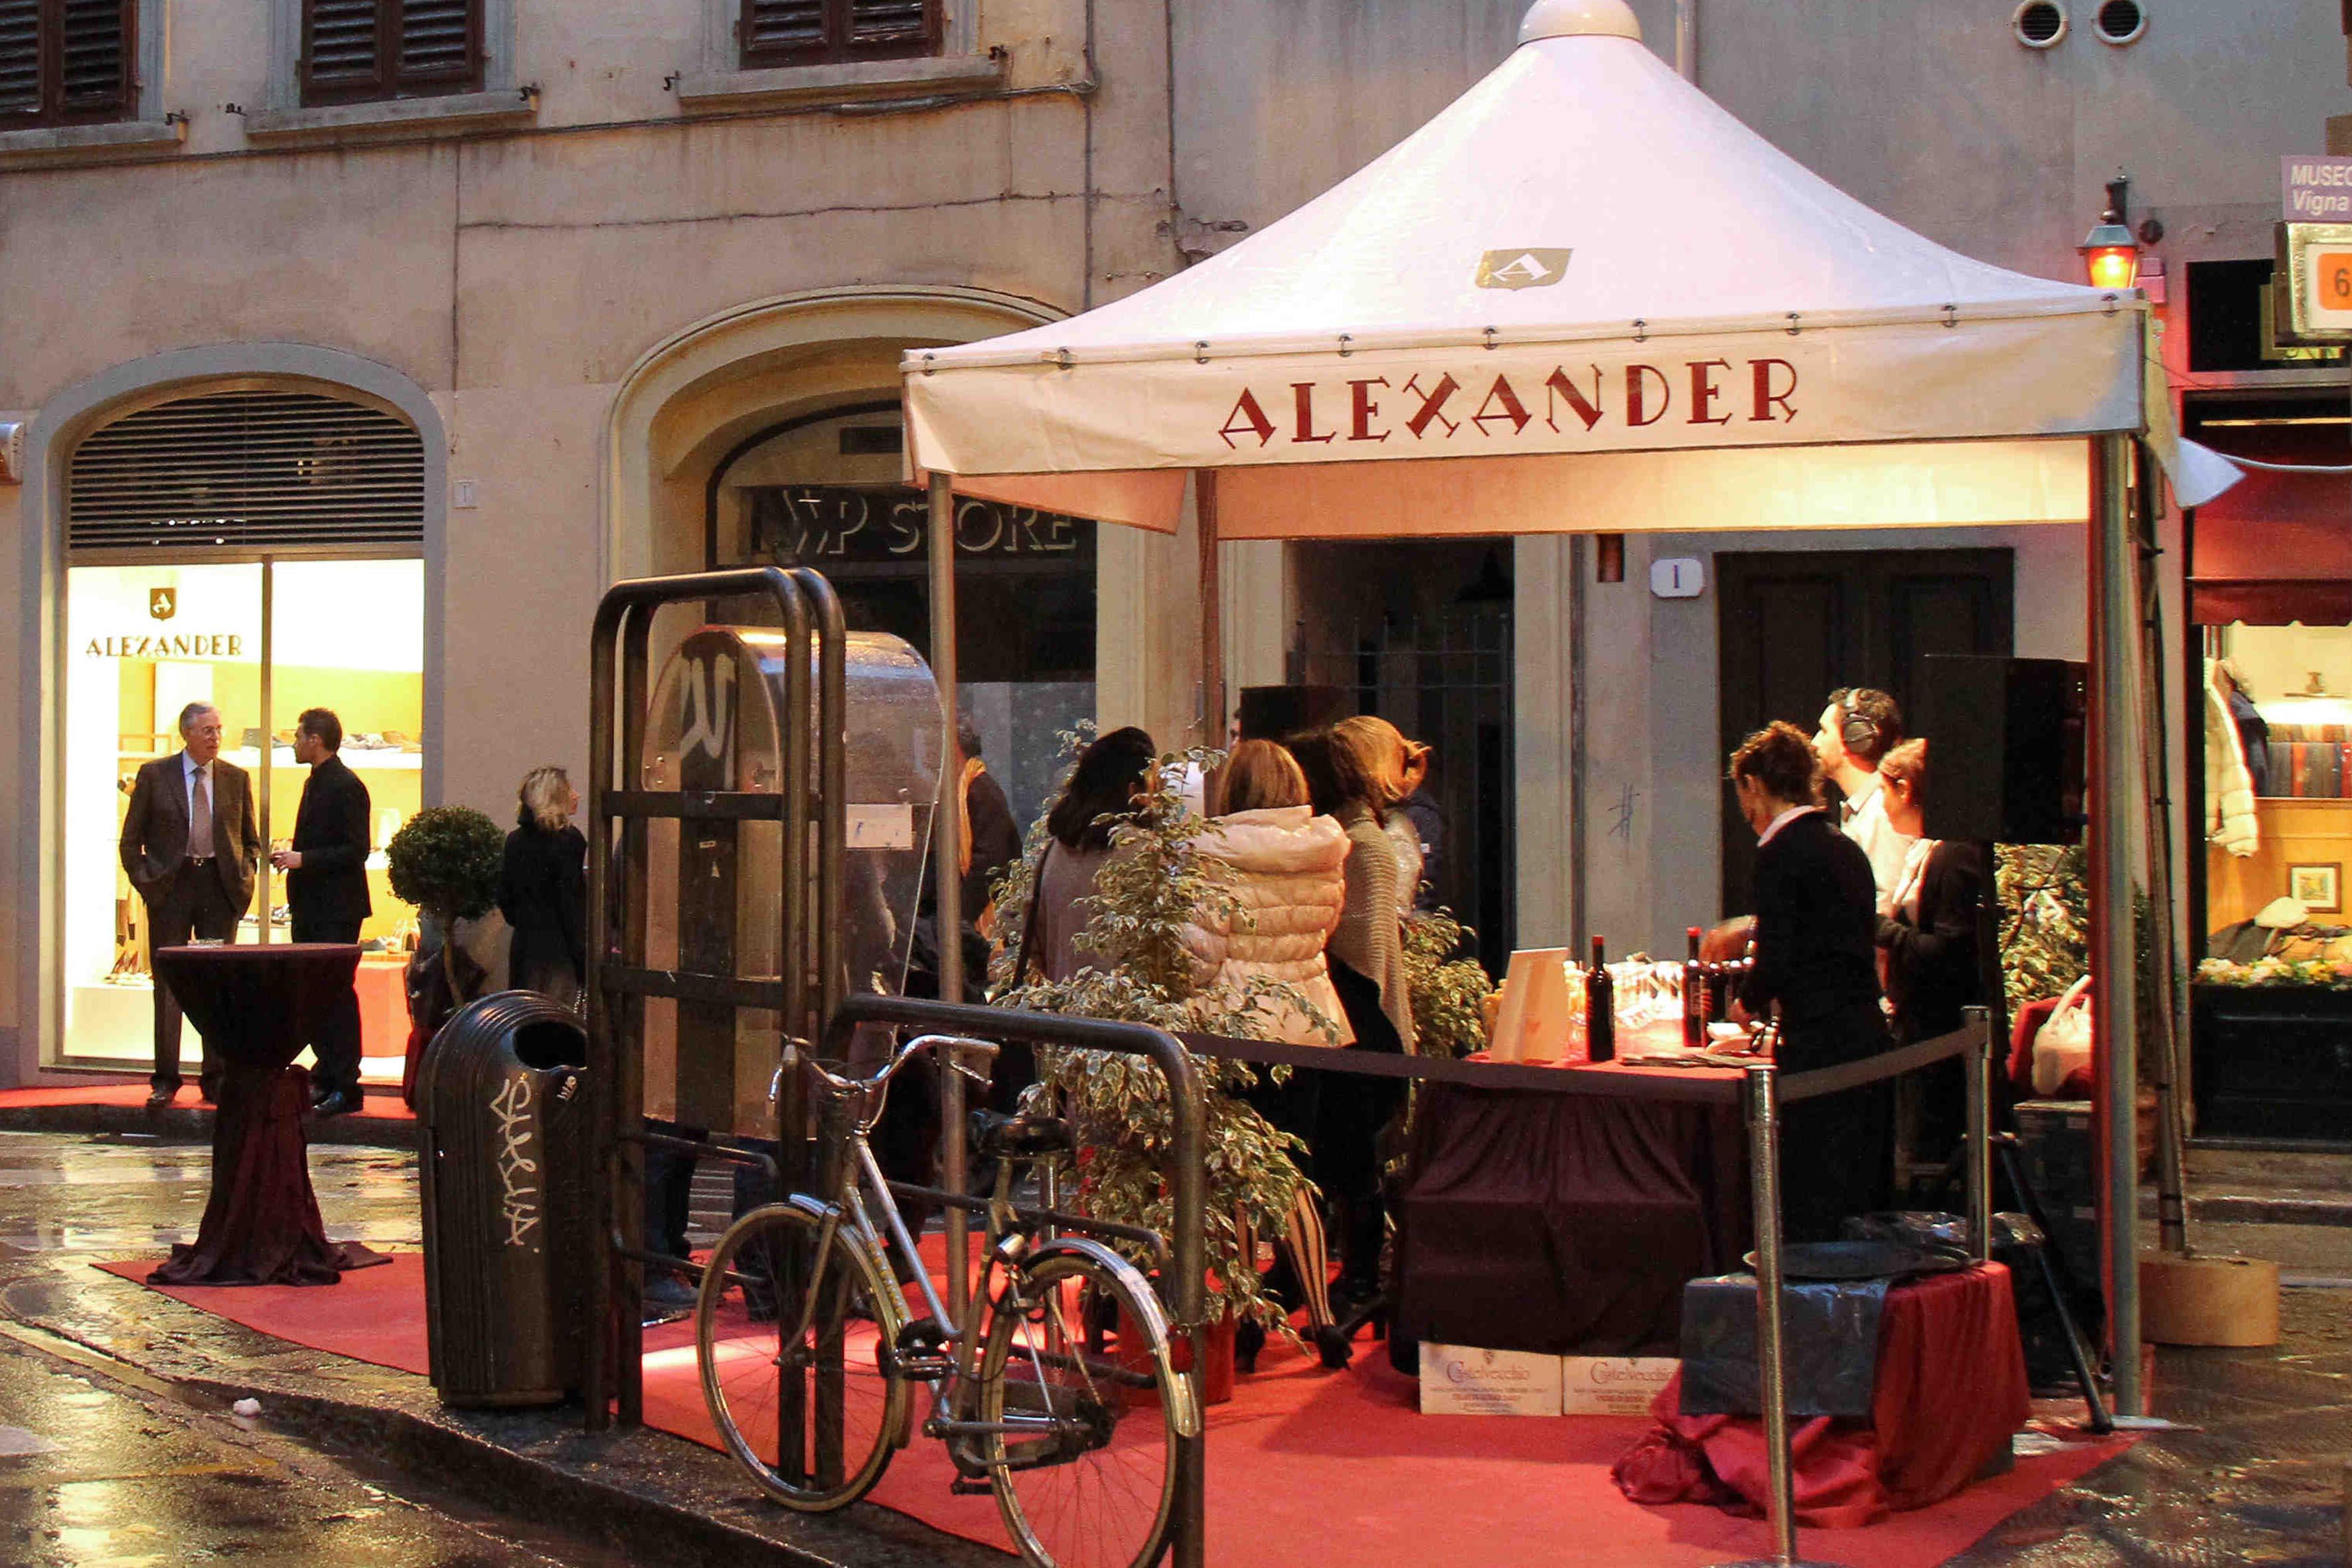 PRESSPHOTO Firenze, Boutique Alexander, via della Vigna Nuova. Nella foto il gazebo esterno